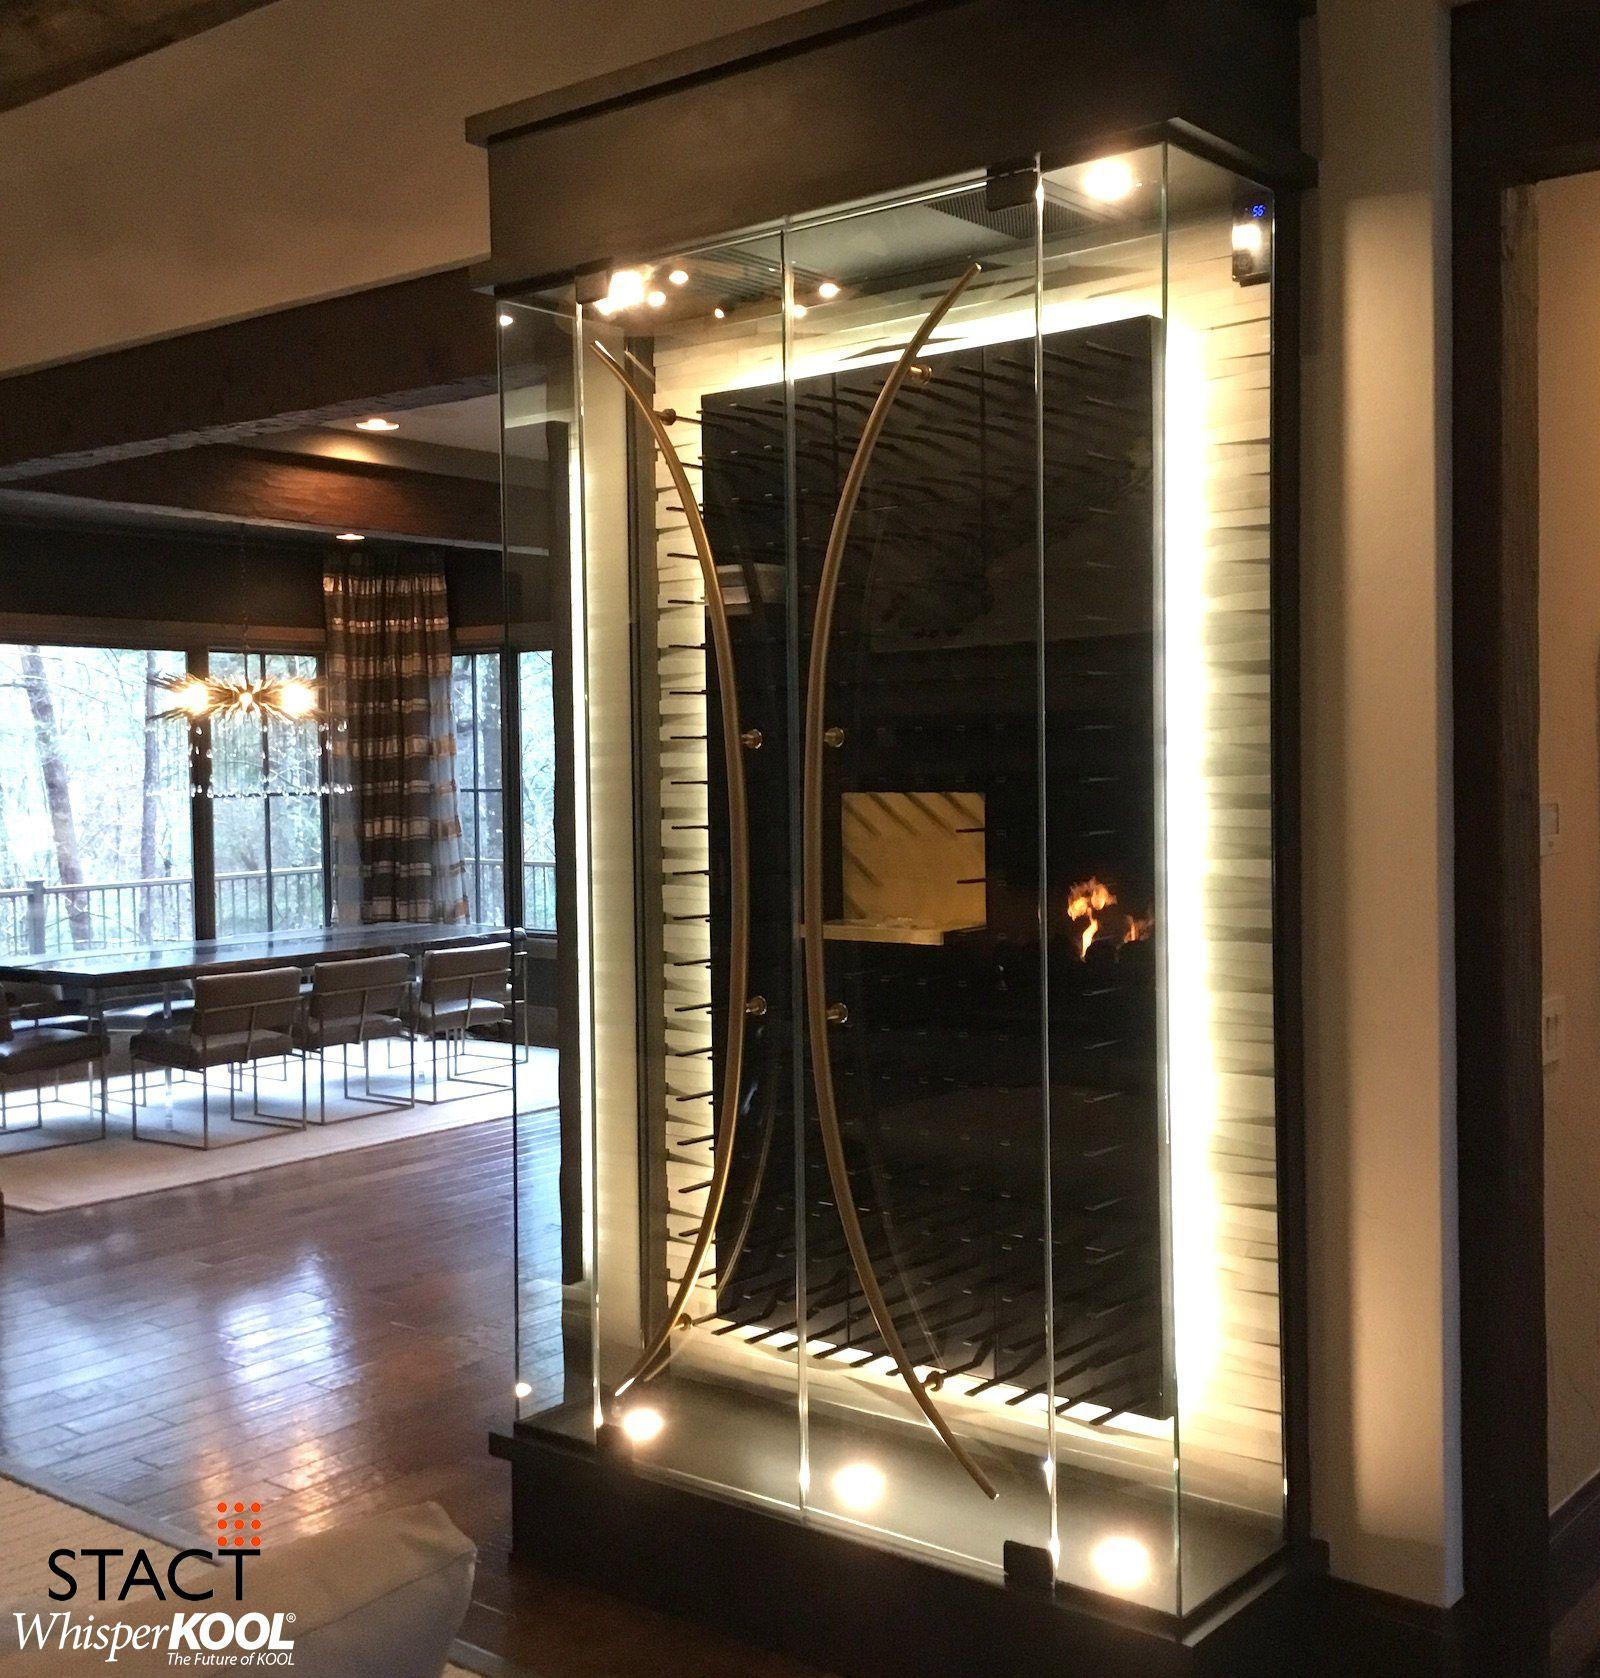 This Gorgeous Modern Glass Wine Cellar Designed By Ingelein Smith